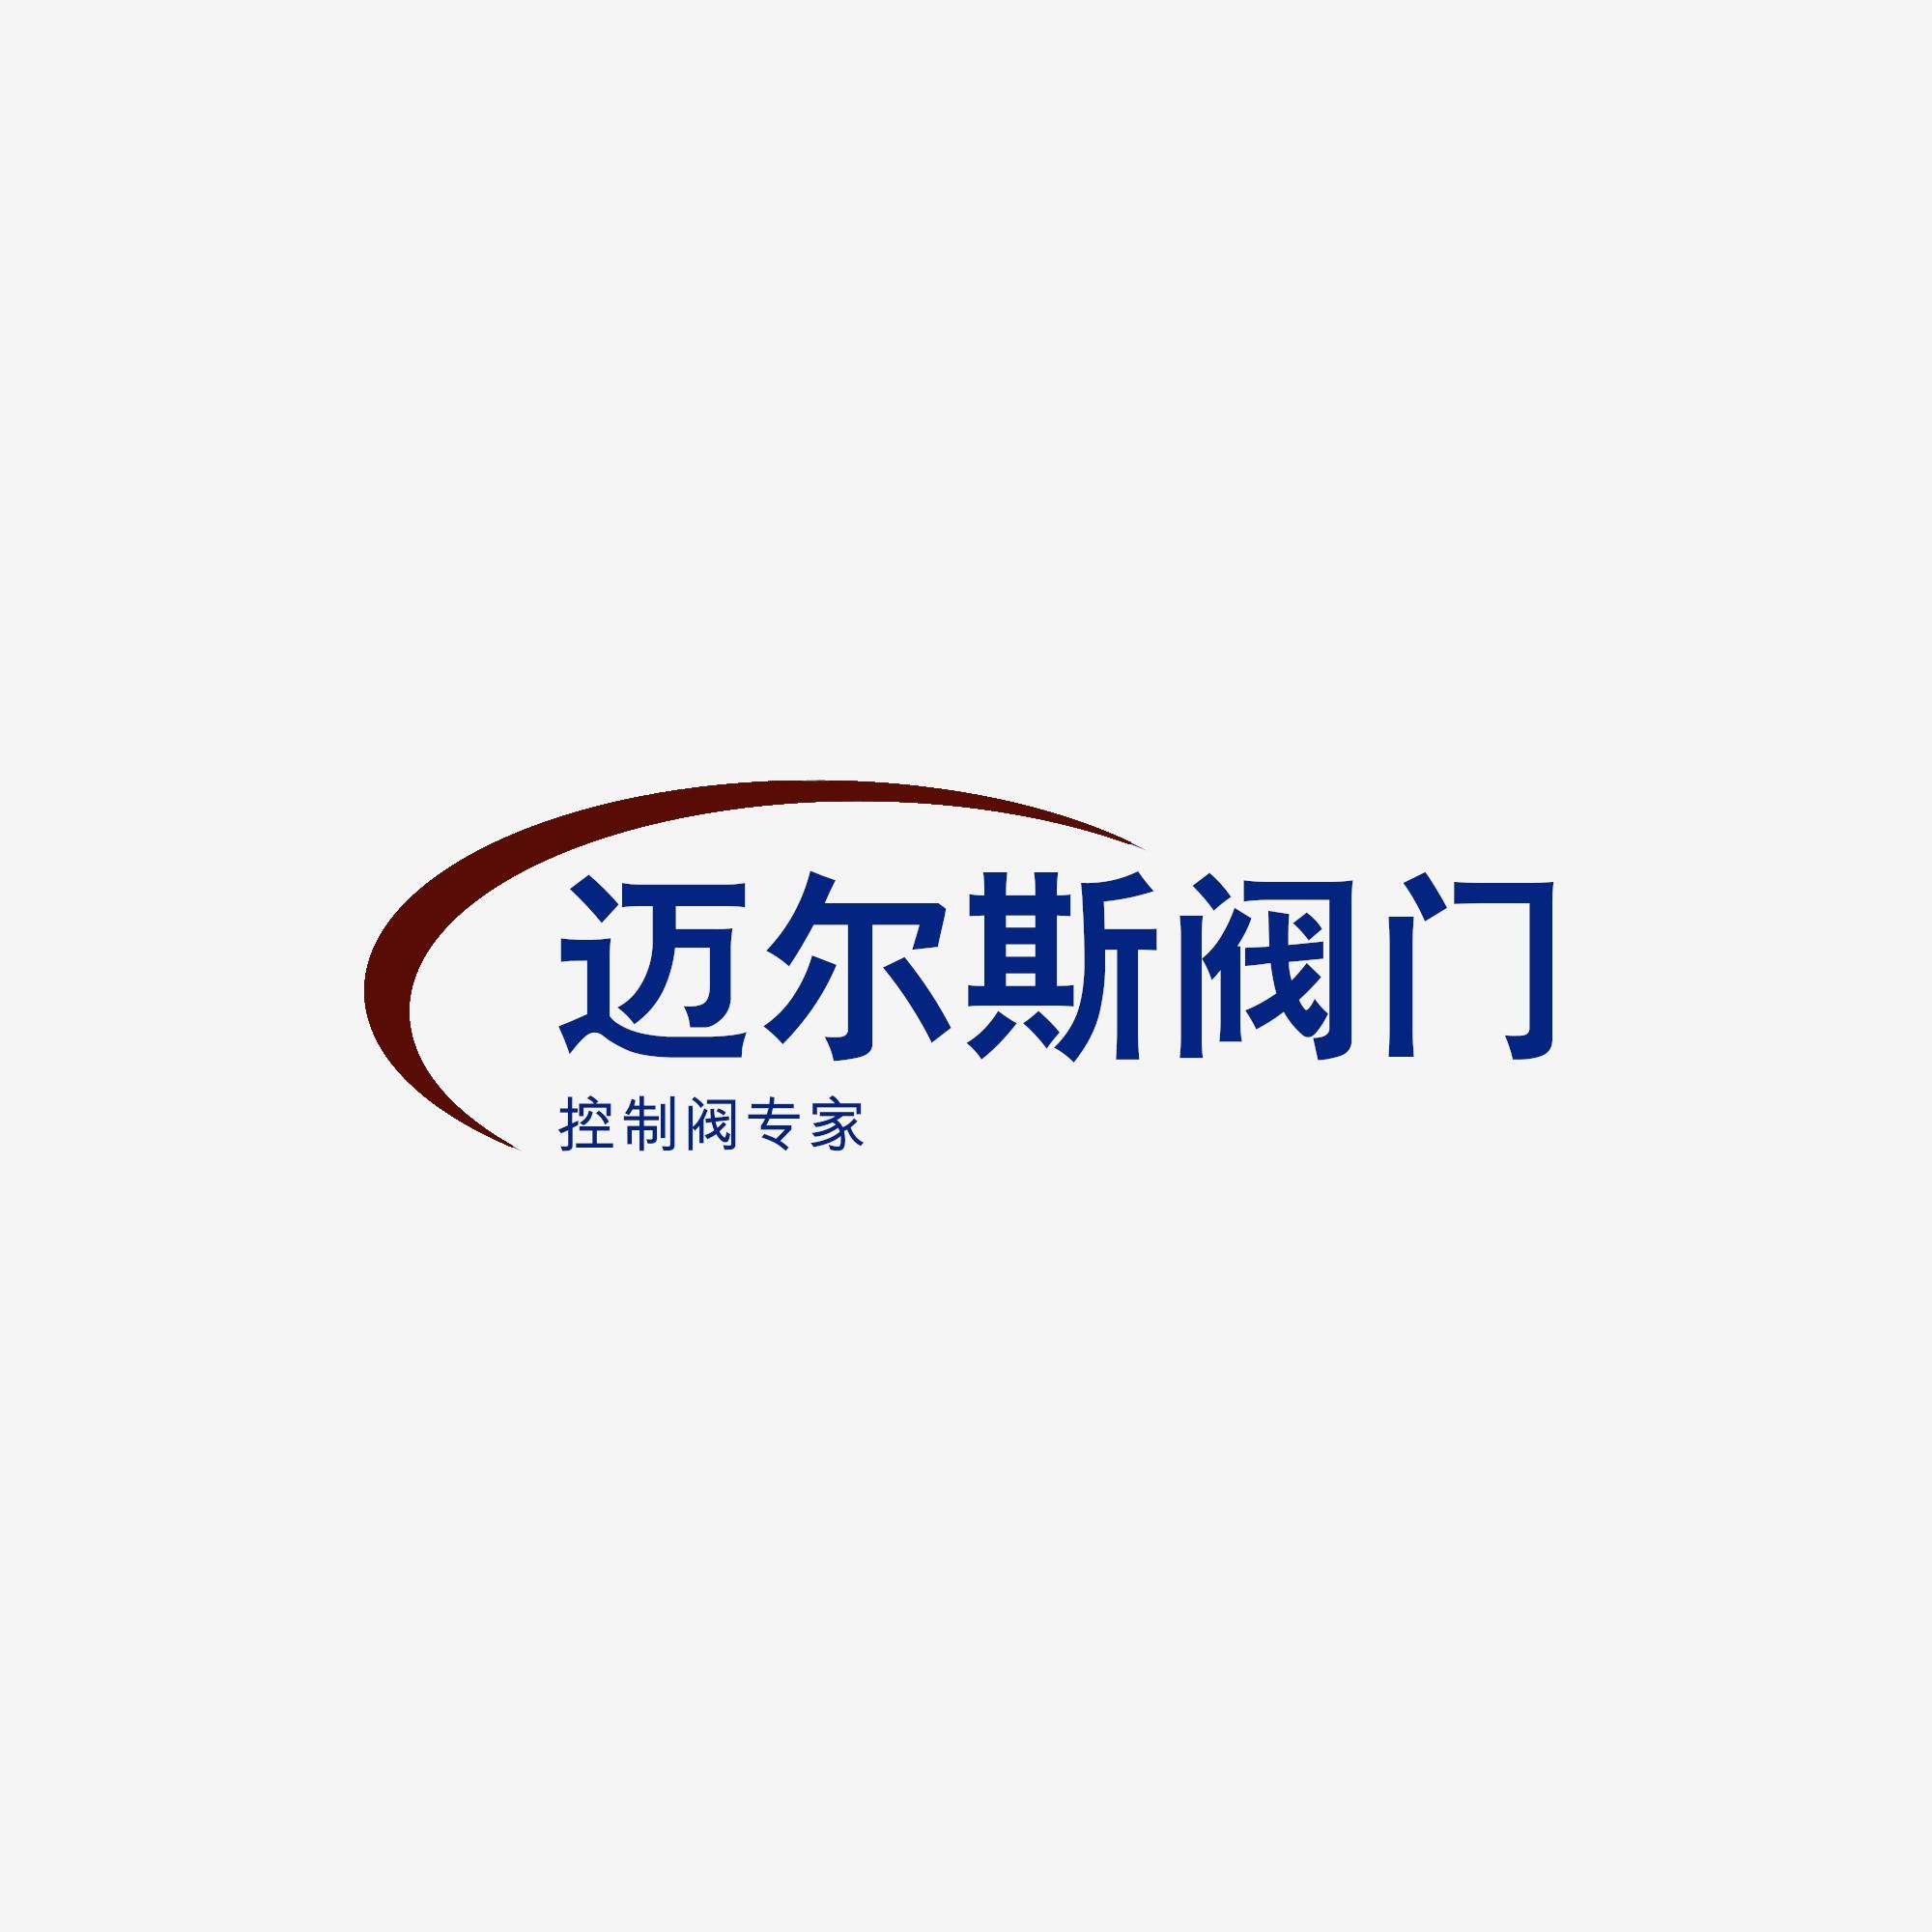 上海邁爾斯閥門制造有限公司